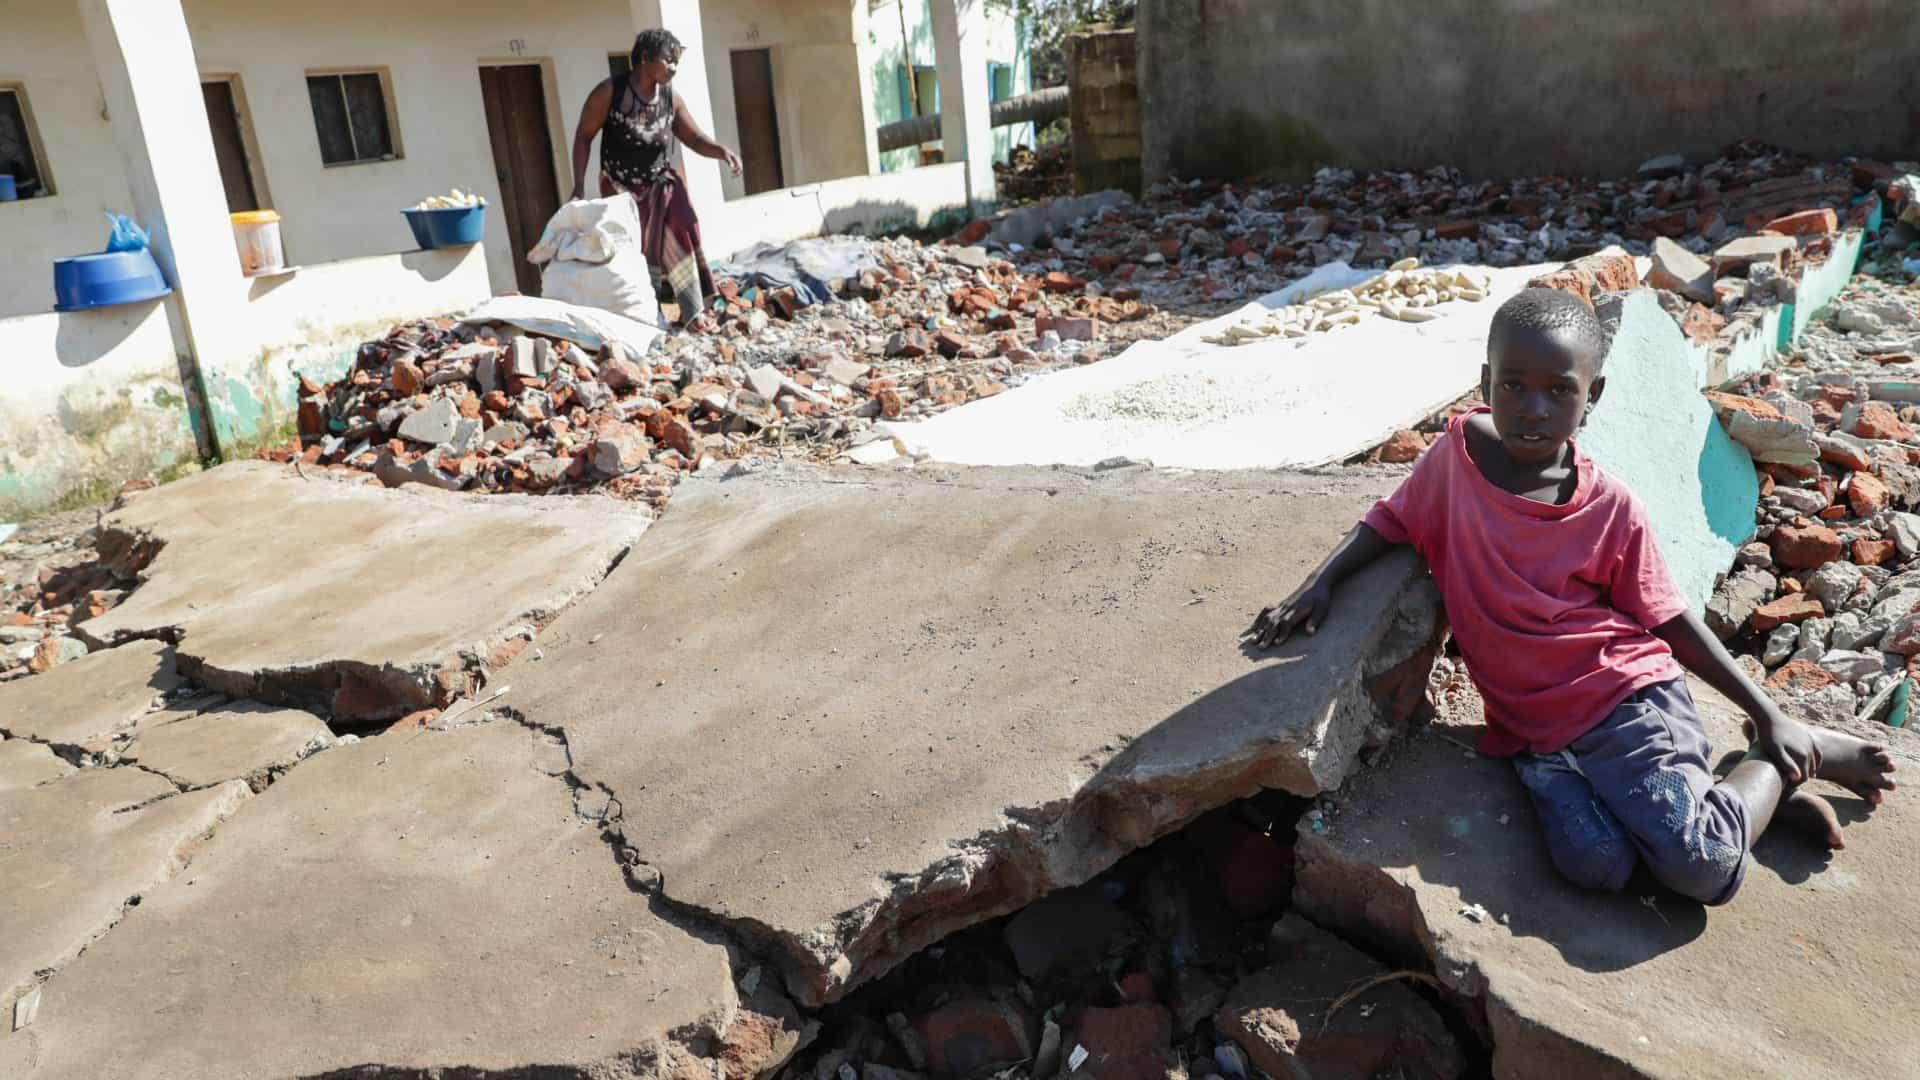 número de mortos contabilizados por moçambique sobe para 468 - CICLONE IDAI - Número de mortos contabilizados por Moçambique sobe para 468